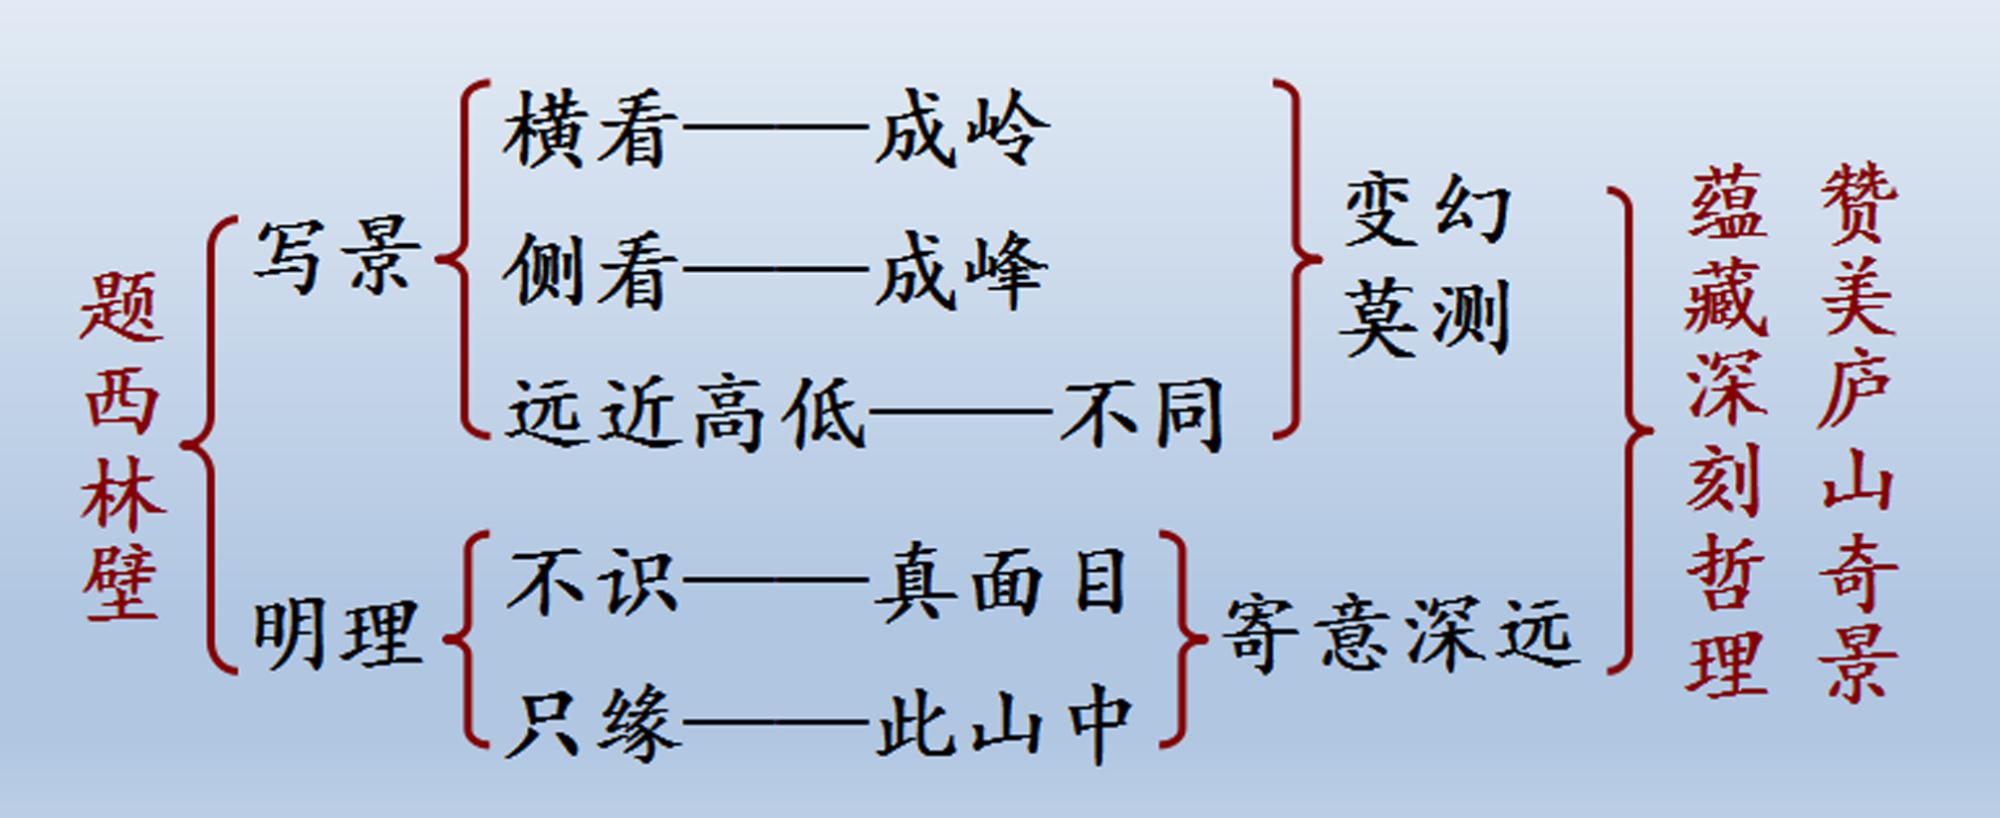 題西林壁的詩意(題西林壁詩意注釋20字)